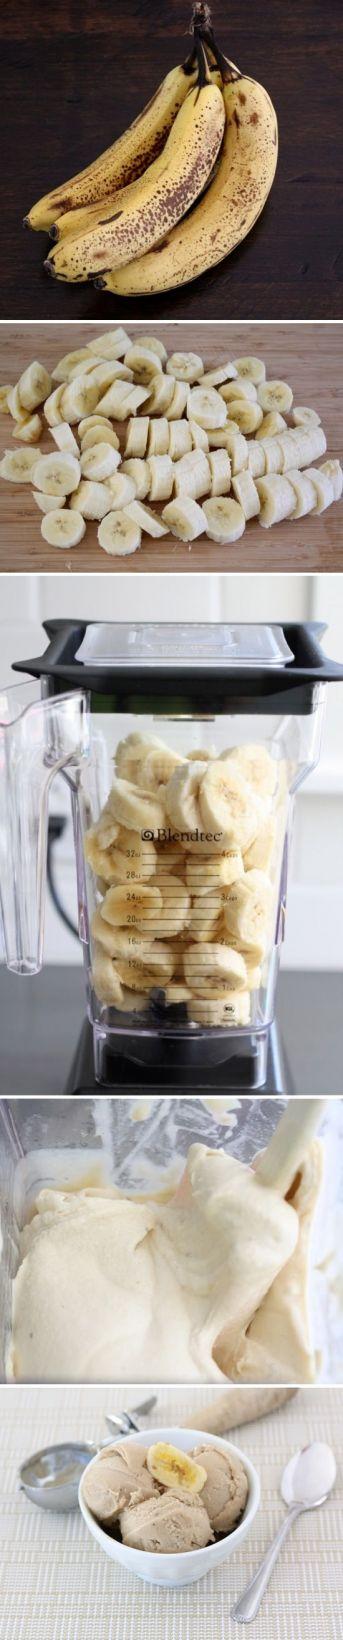 Es krim yummy dari banana